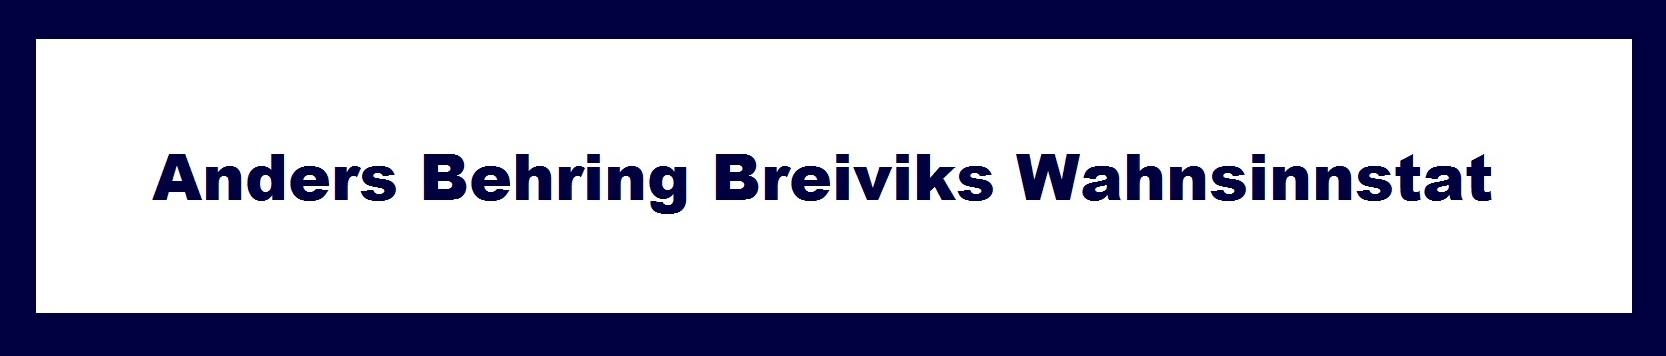 Prozess gegen Massenm�rder Breivik in Oslo - NUOZ-Sonderseite auf Ostsee-Rundschau.de - Die Wahnsinnstat des Anders Behring Breivik - Wahnsinniger Massenm�rder versetzt das K�nigreich Norwegen in  Schockzustand und tiefe Trauer